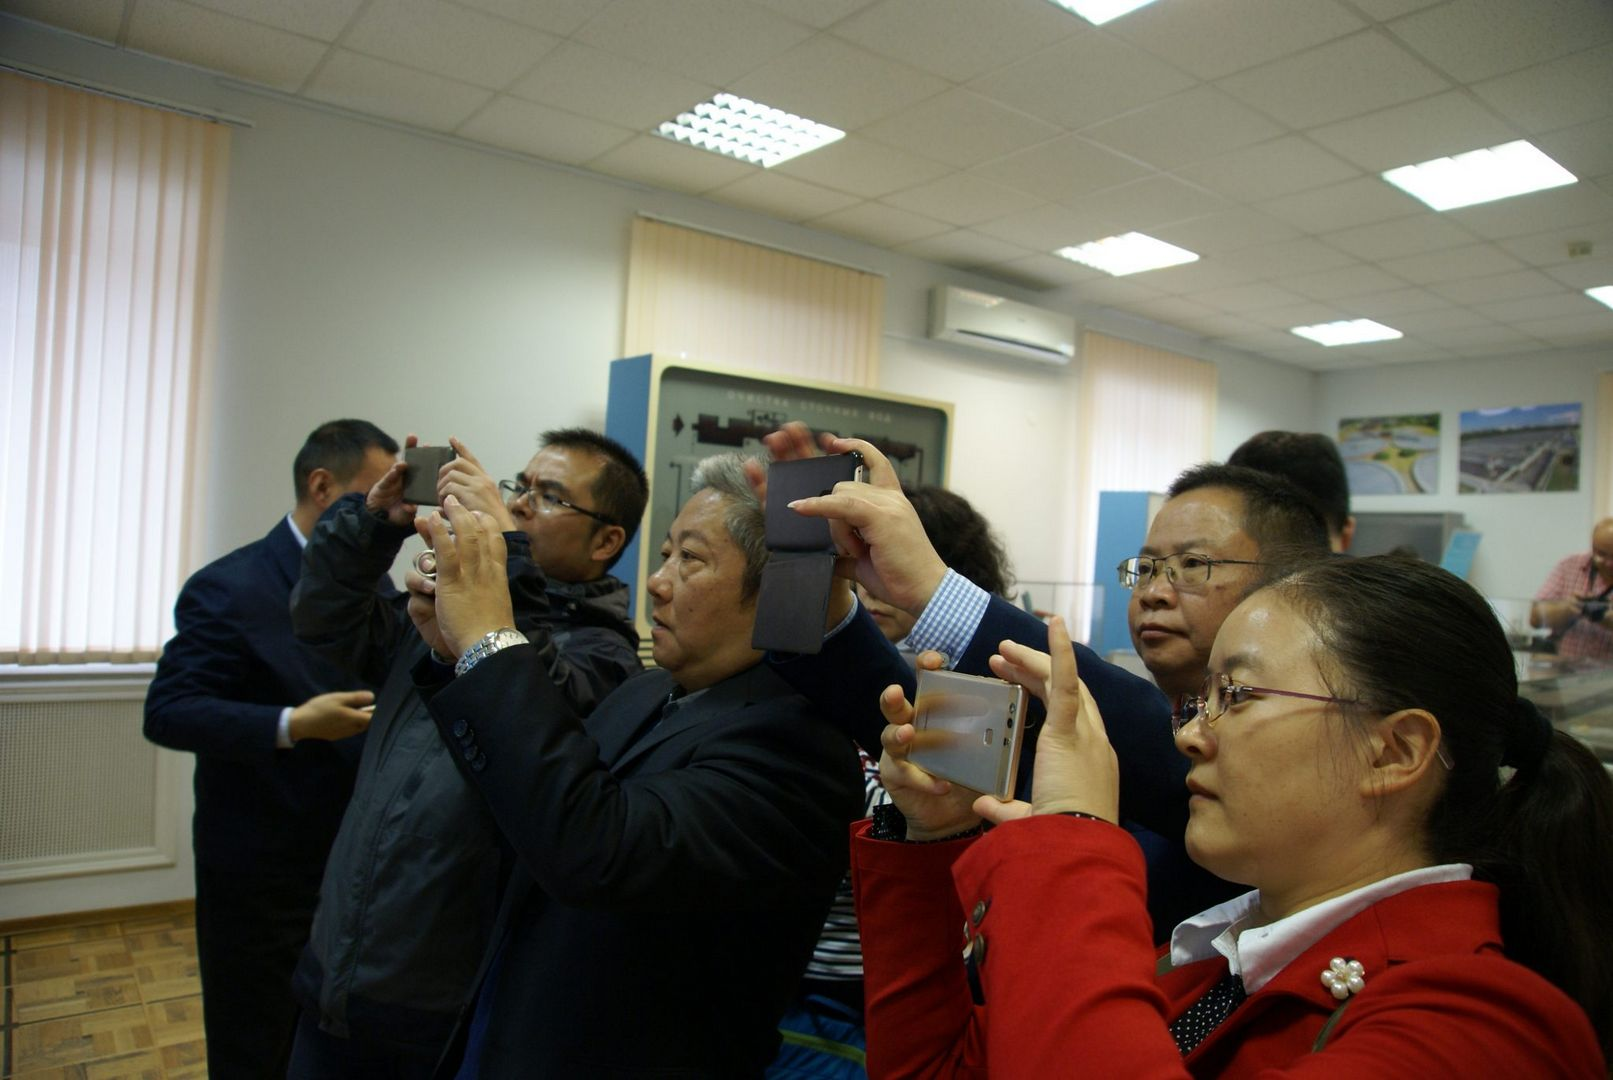 китайцы в музее воды